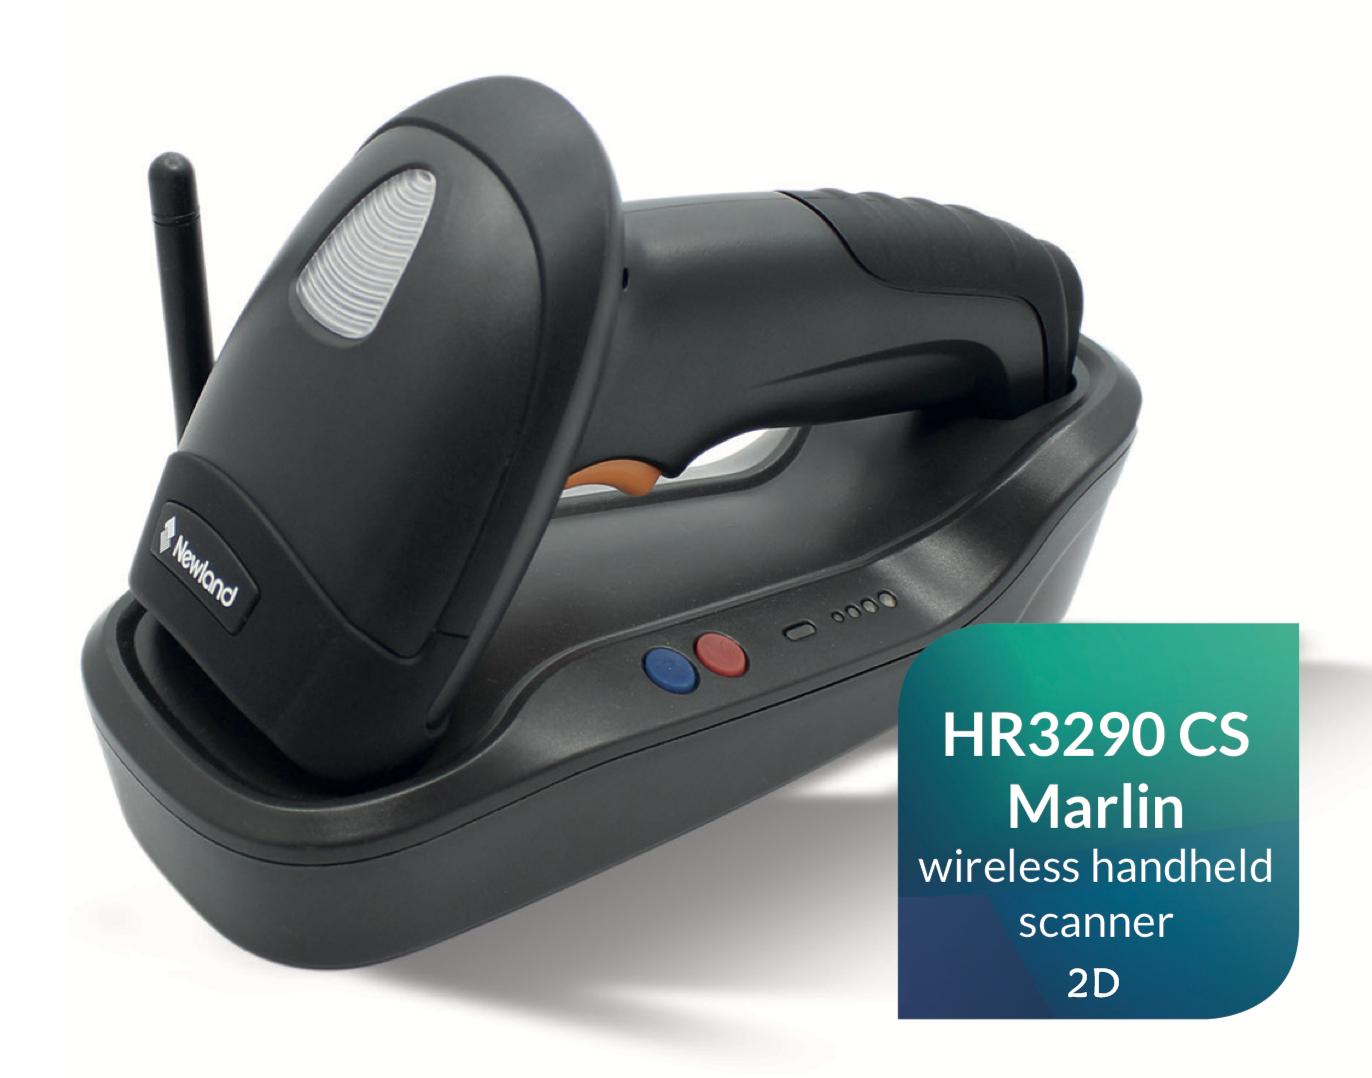 เครื่องอ่านบาร์โค้ด 2D Newland HR3290 CS Marlin Wireless